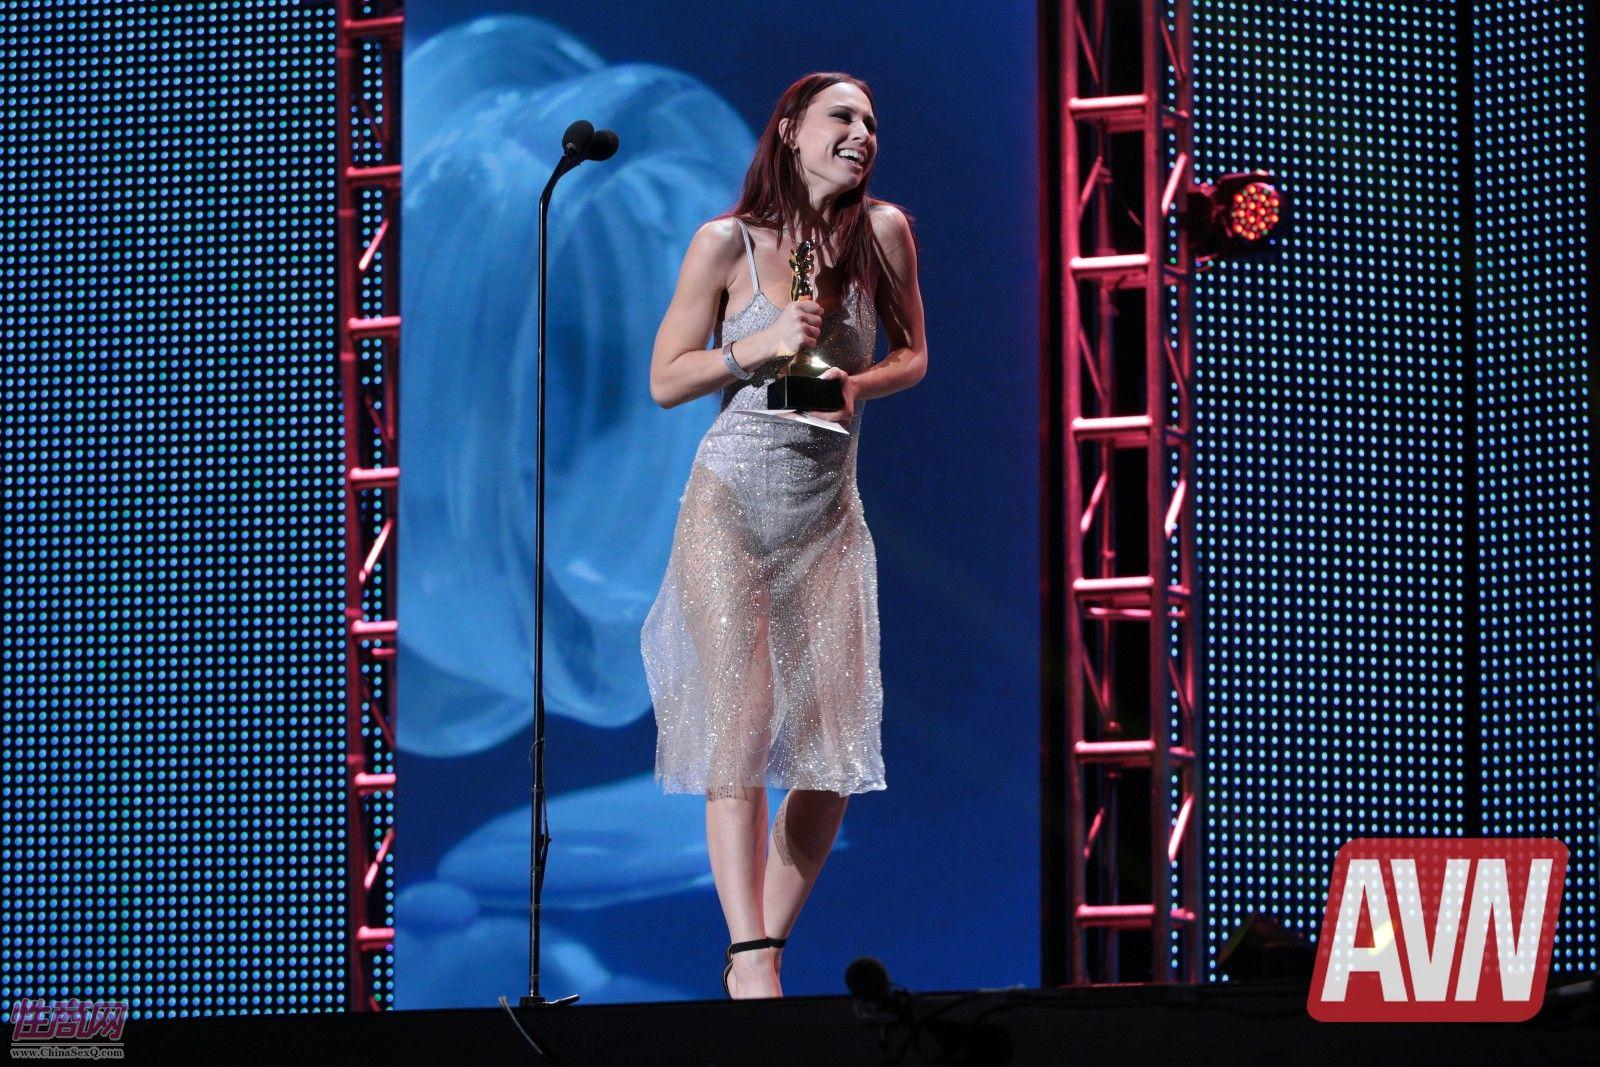 18拉斯维加斯成人展AVN:颁奖典礼 (70)